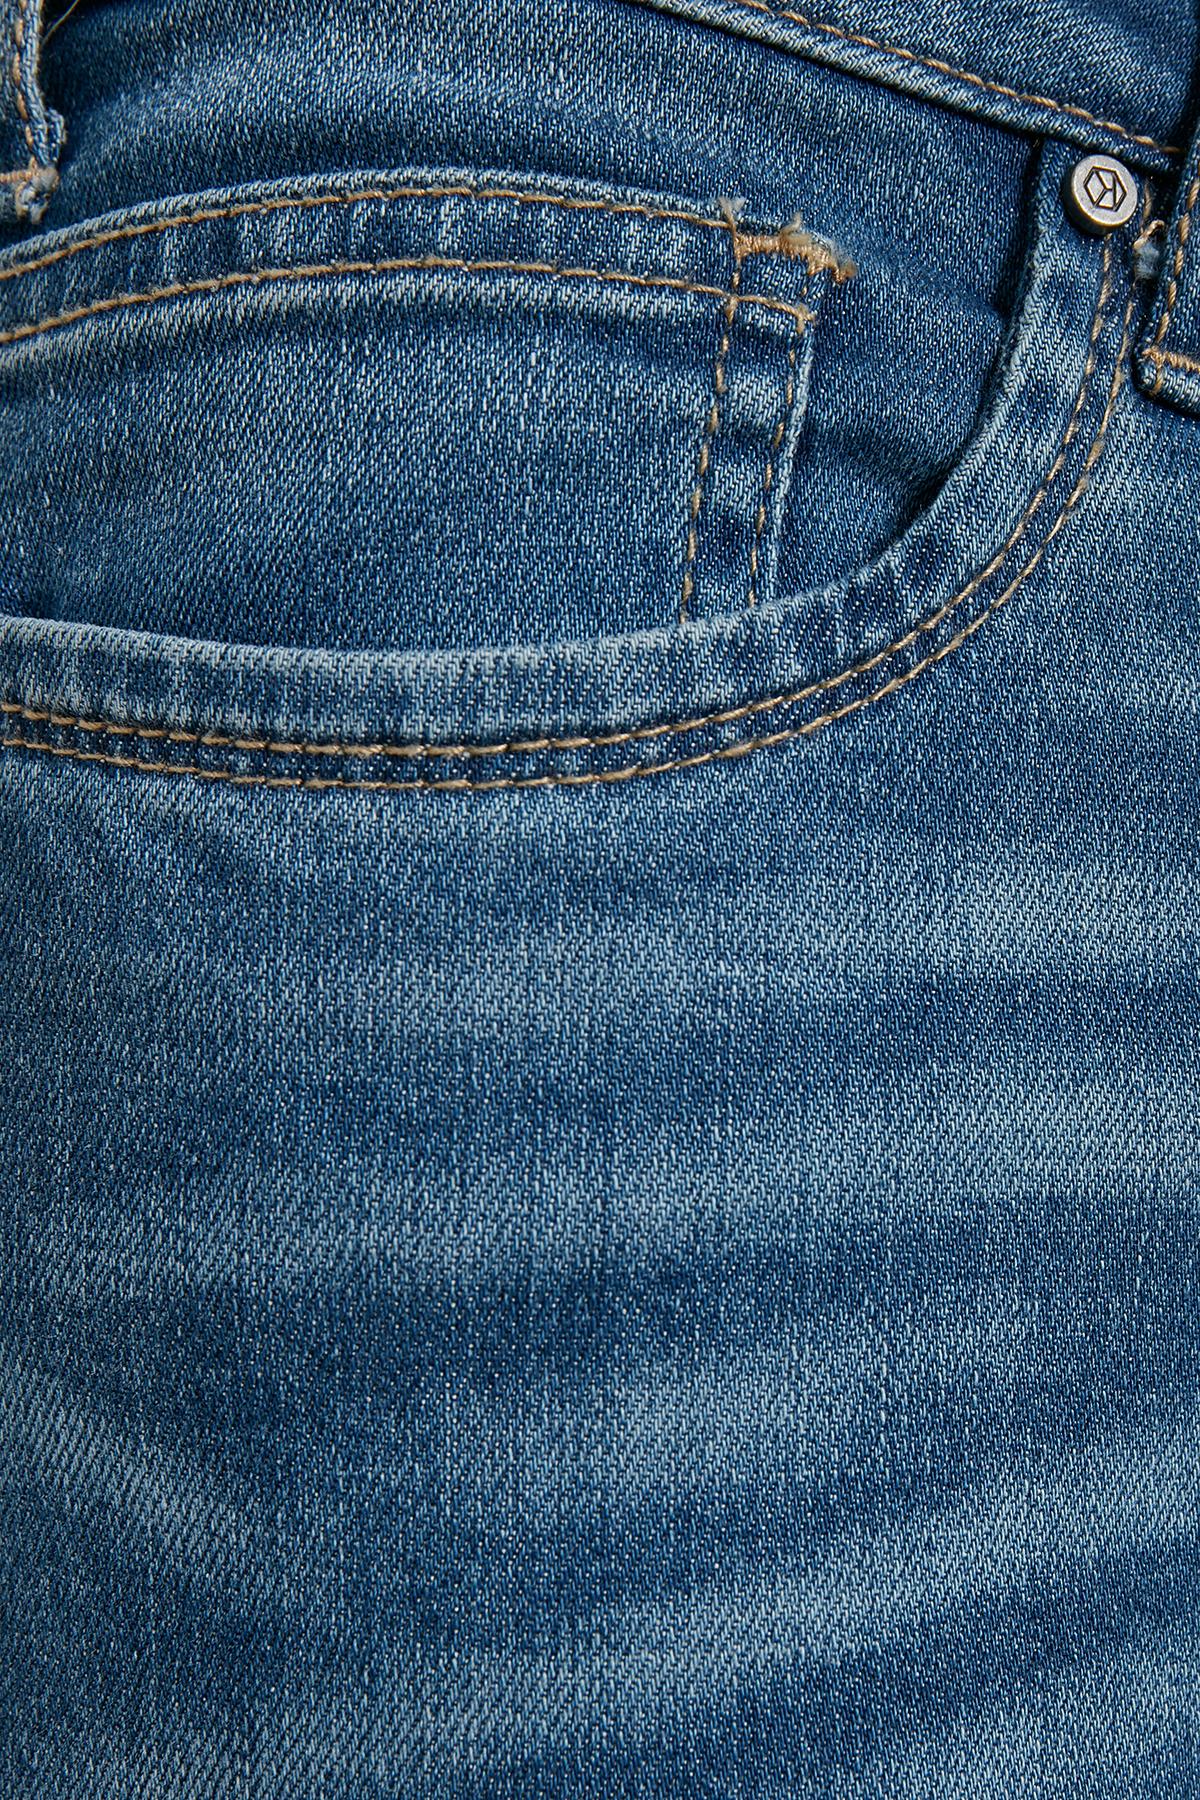 Denimblå Jeans från Kaffe – Köp Denimblå Jeans från stl. 34-46 här